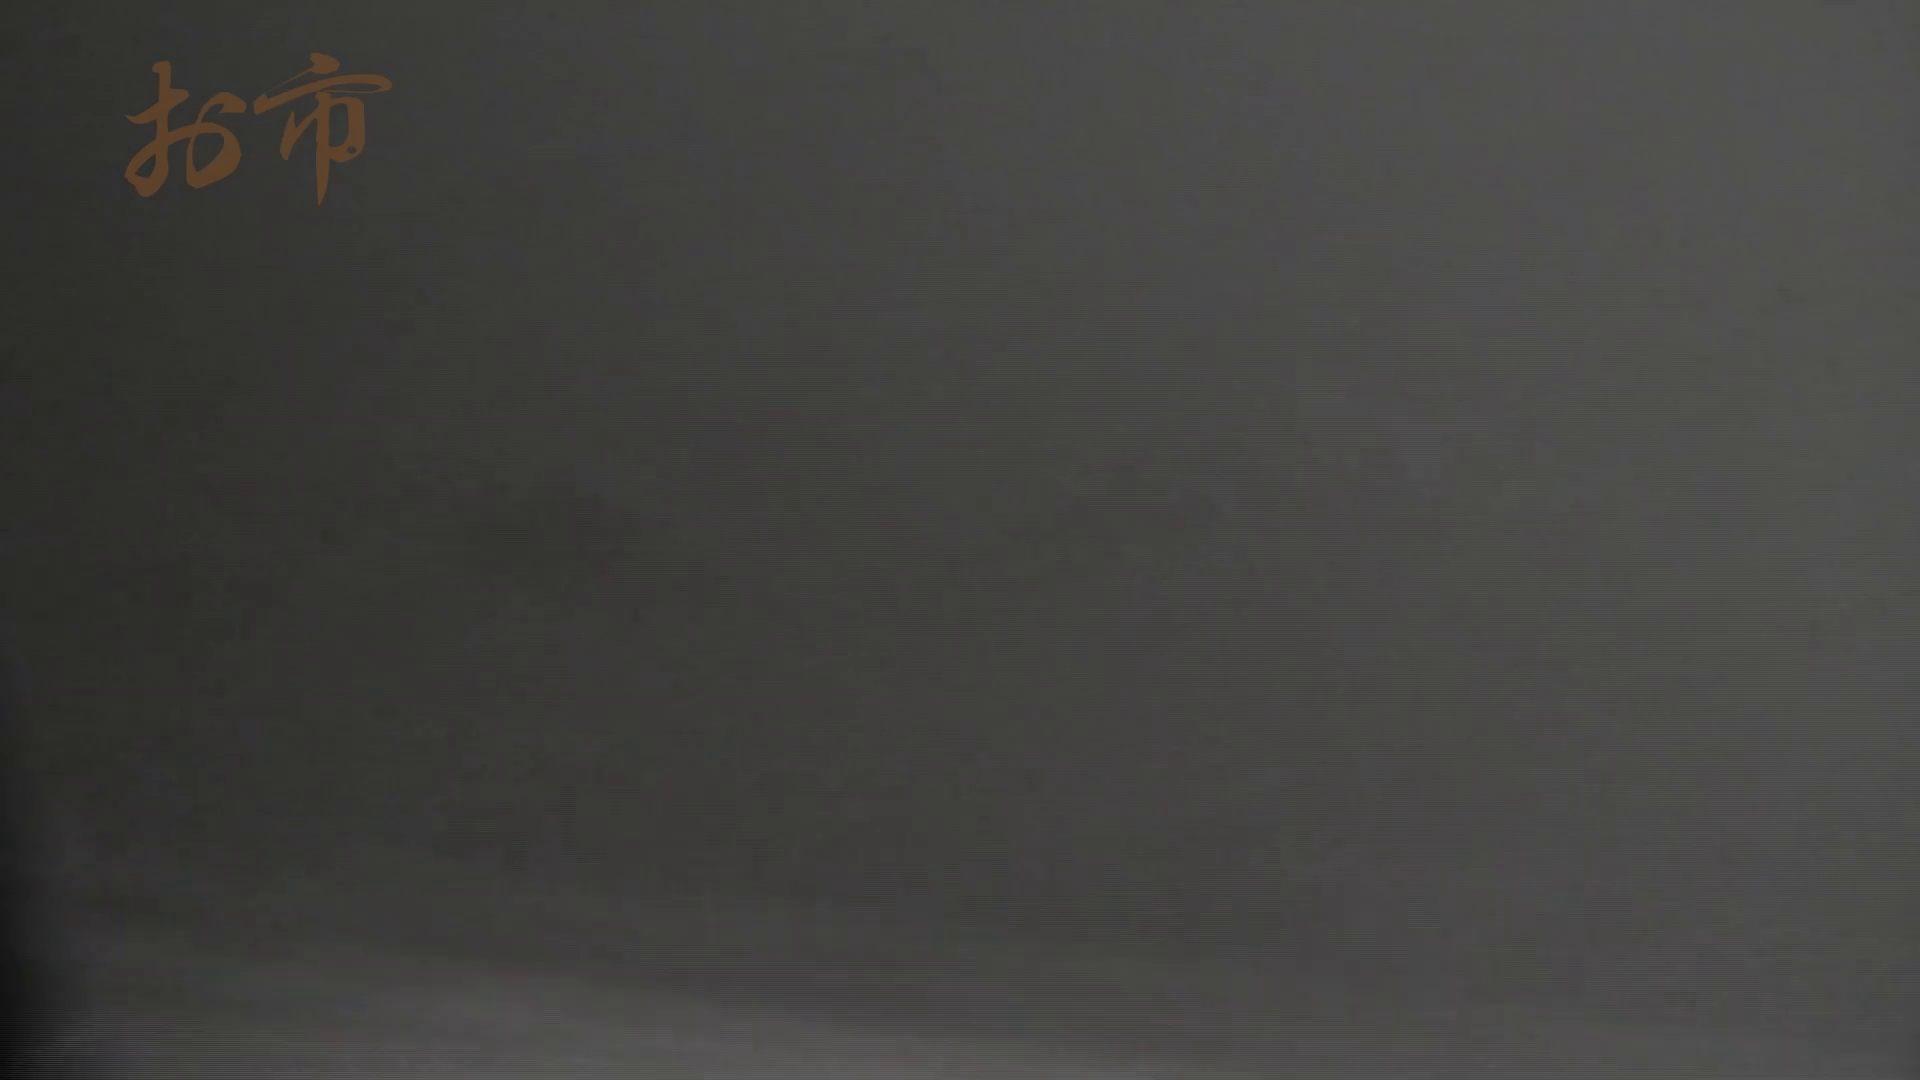 潜入!!台湾名門女学院 Vol.12 長身モデル驚き見たことないシチュエーション 丸見え | 細身女性  84画像 37